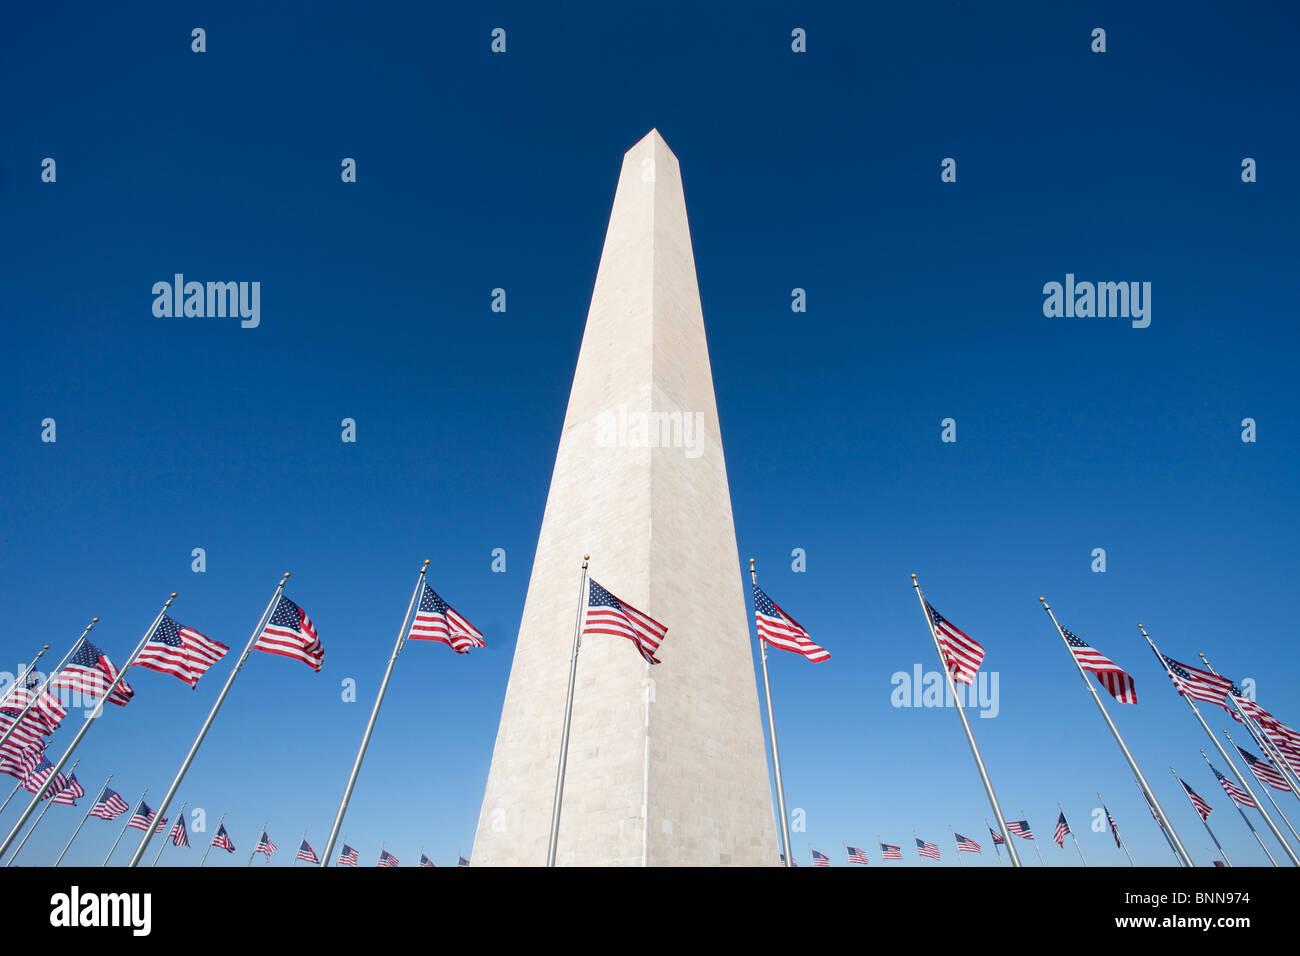 USA United States of America Washington DC flags obelisk monument - Stock Image